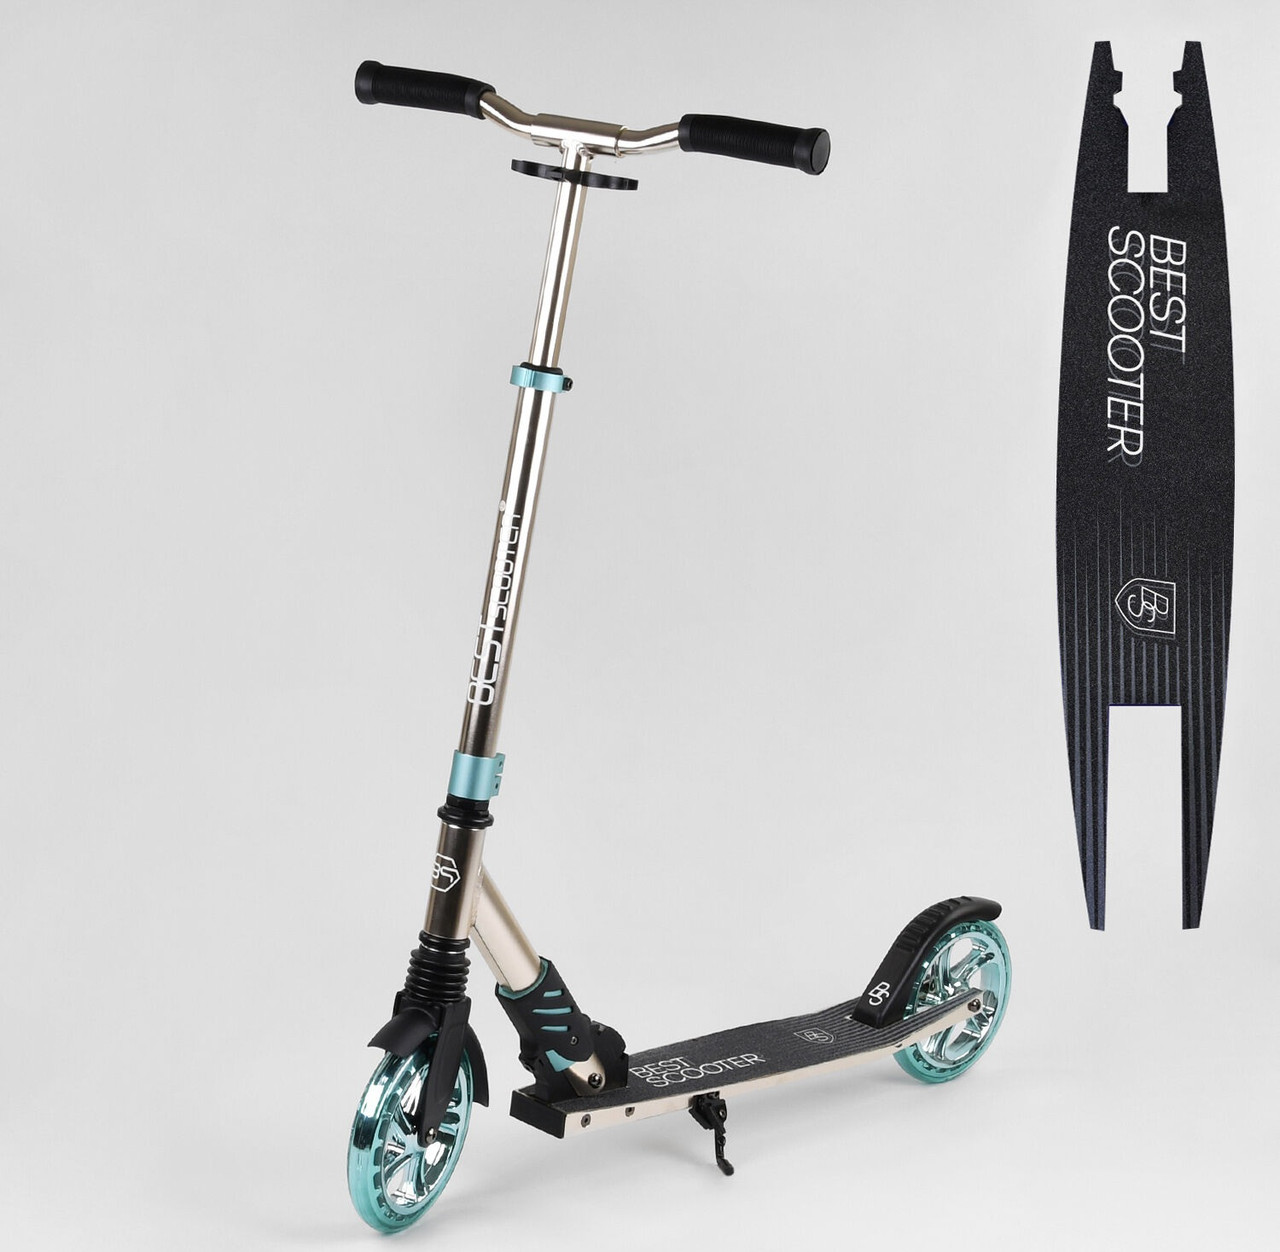 Складаний компактний, двоколісний самокат для підлітків з регулюванням висоти керма S-10133 Best Scooter